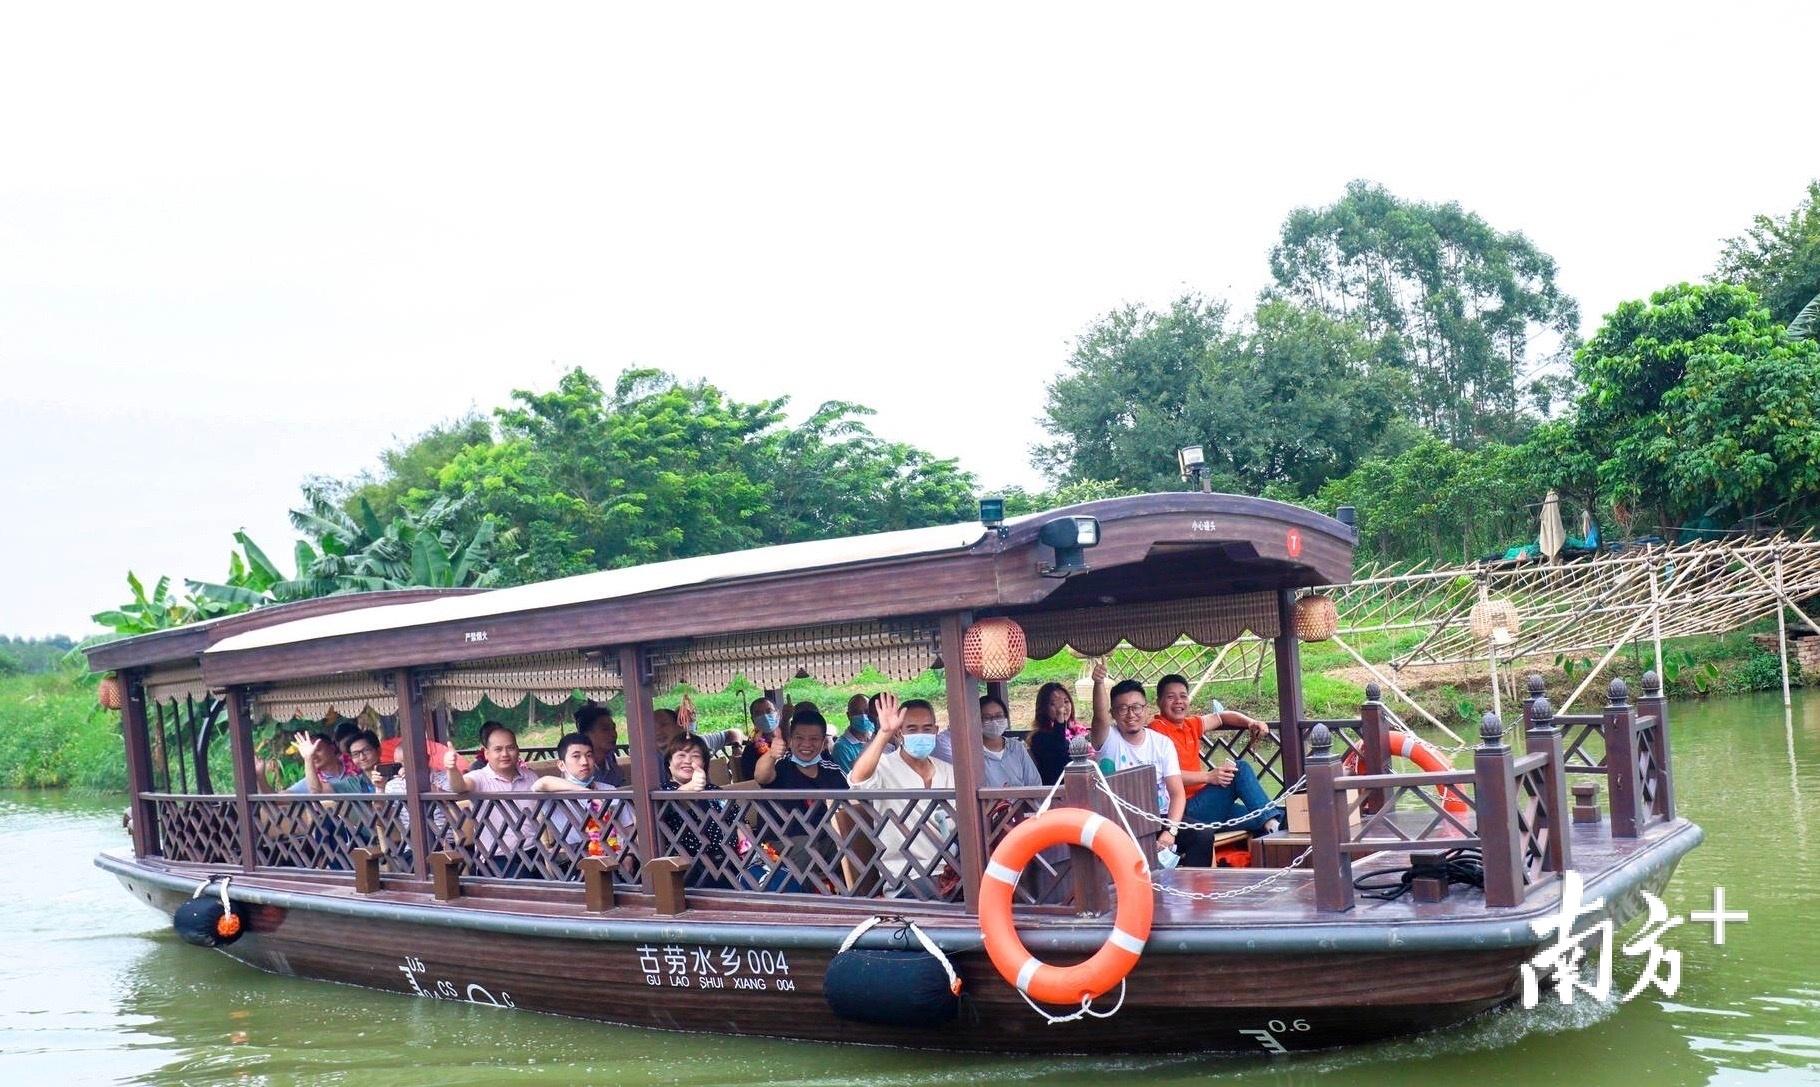 鹤山城市文明治安好,游客玩得尽兴、玩得安心。鹤山市委政法委供图